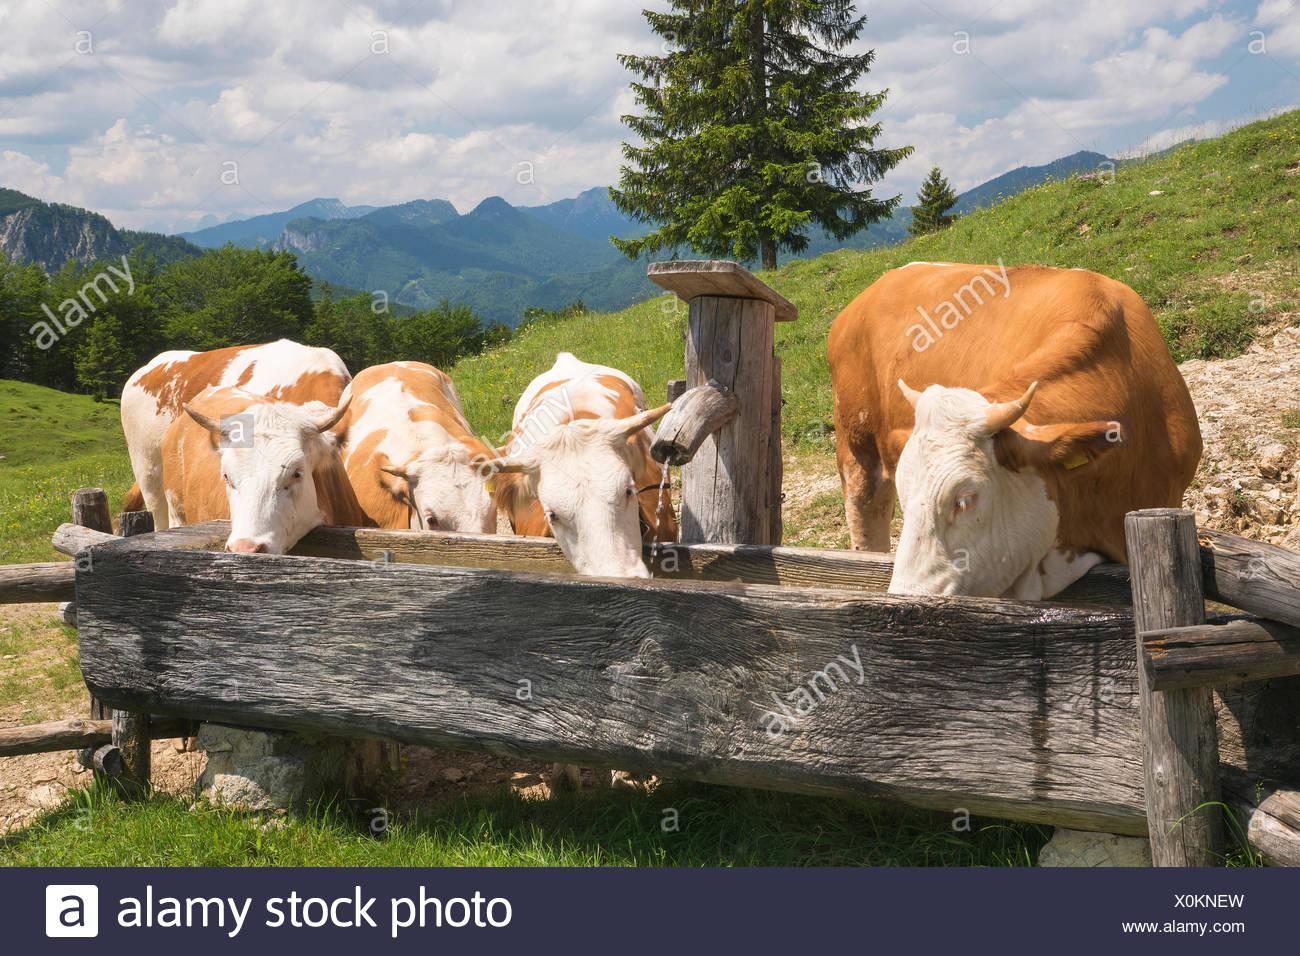 Kühe, Kälber, Tränke Stockfoto, Bild: 275799857 - Alamy